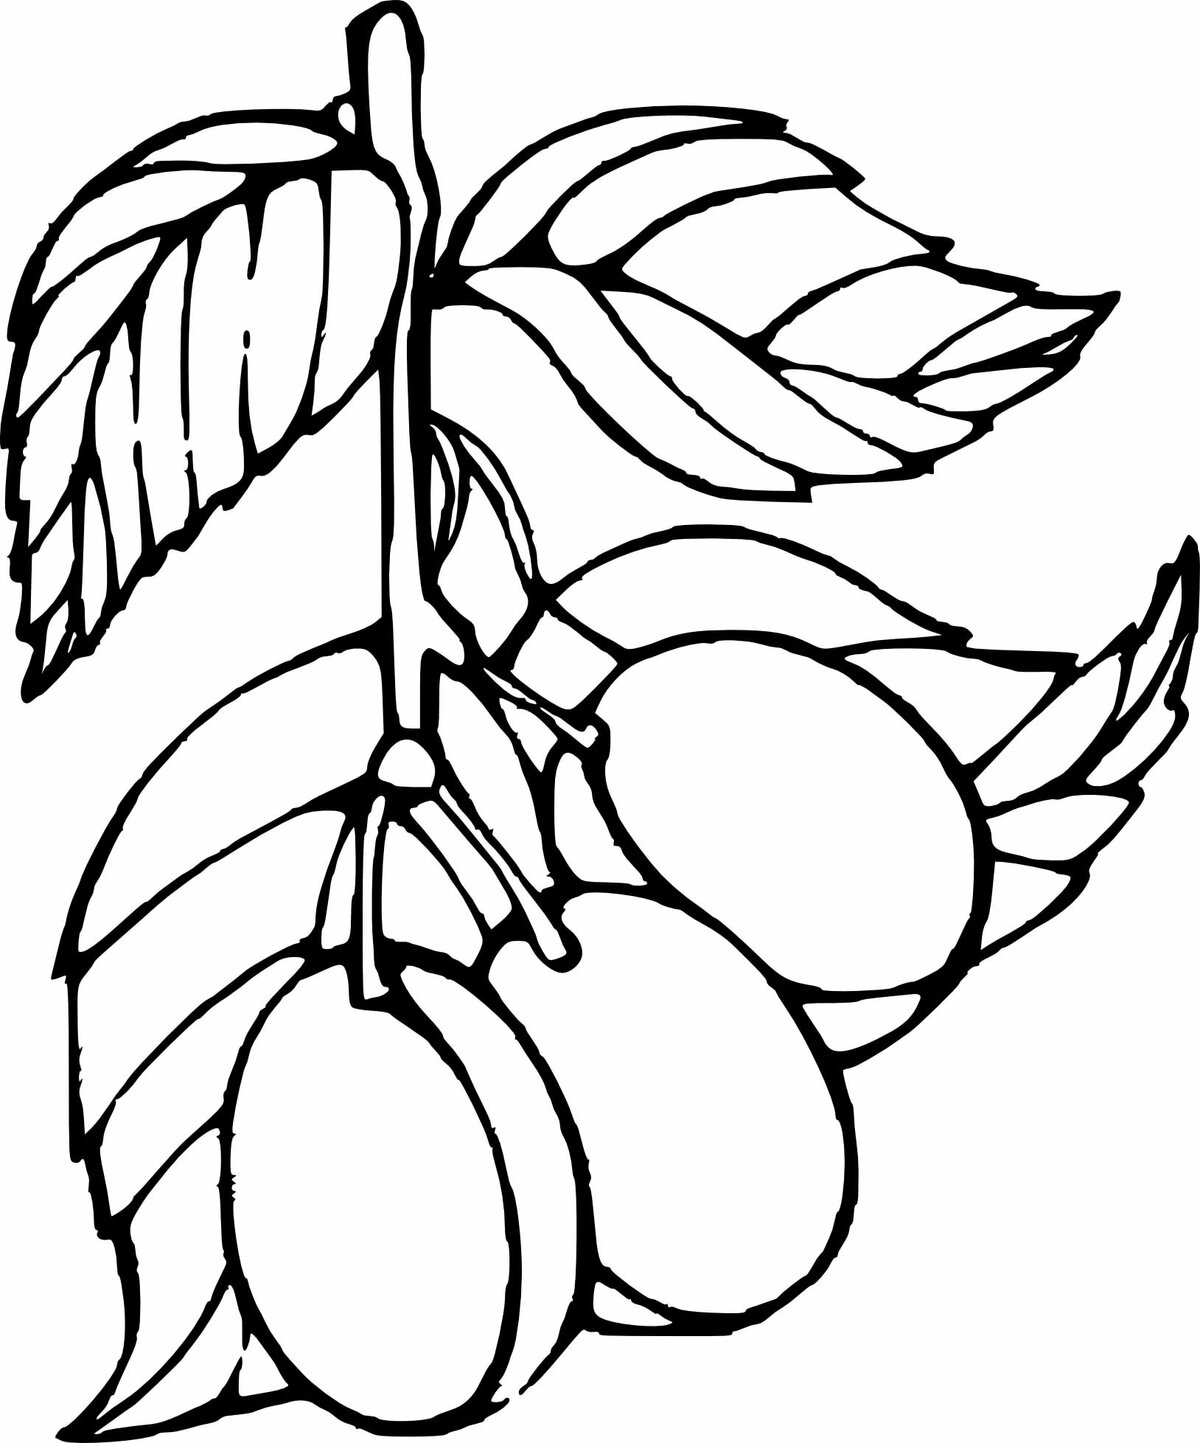 Картинка раскраска плоды деревьев